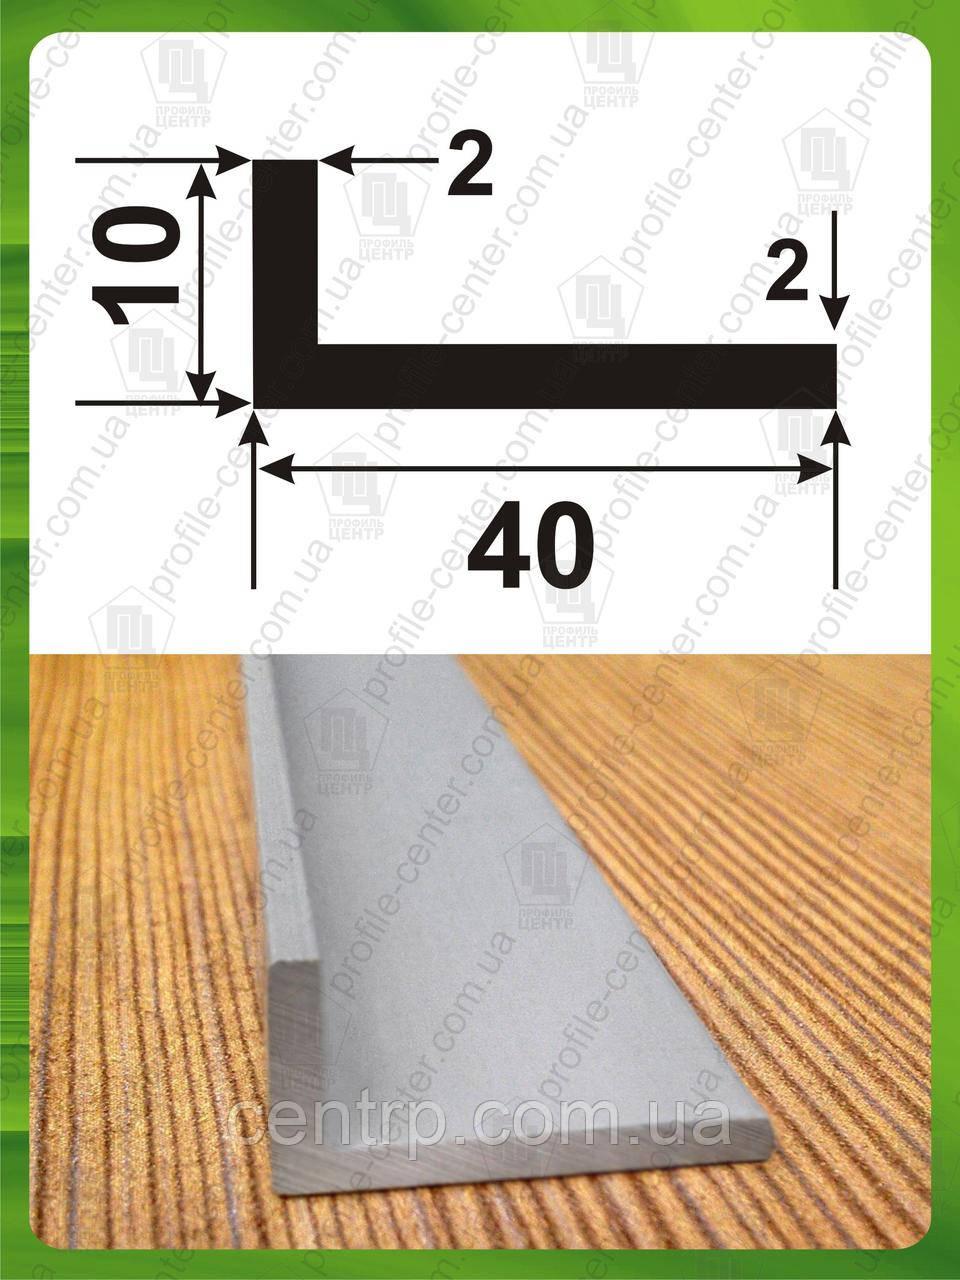 Уголок алюминиевый 40*10*2 разнополочный (разносторонний)